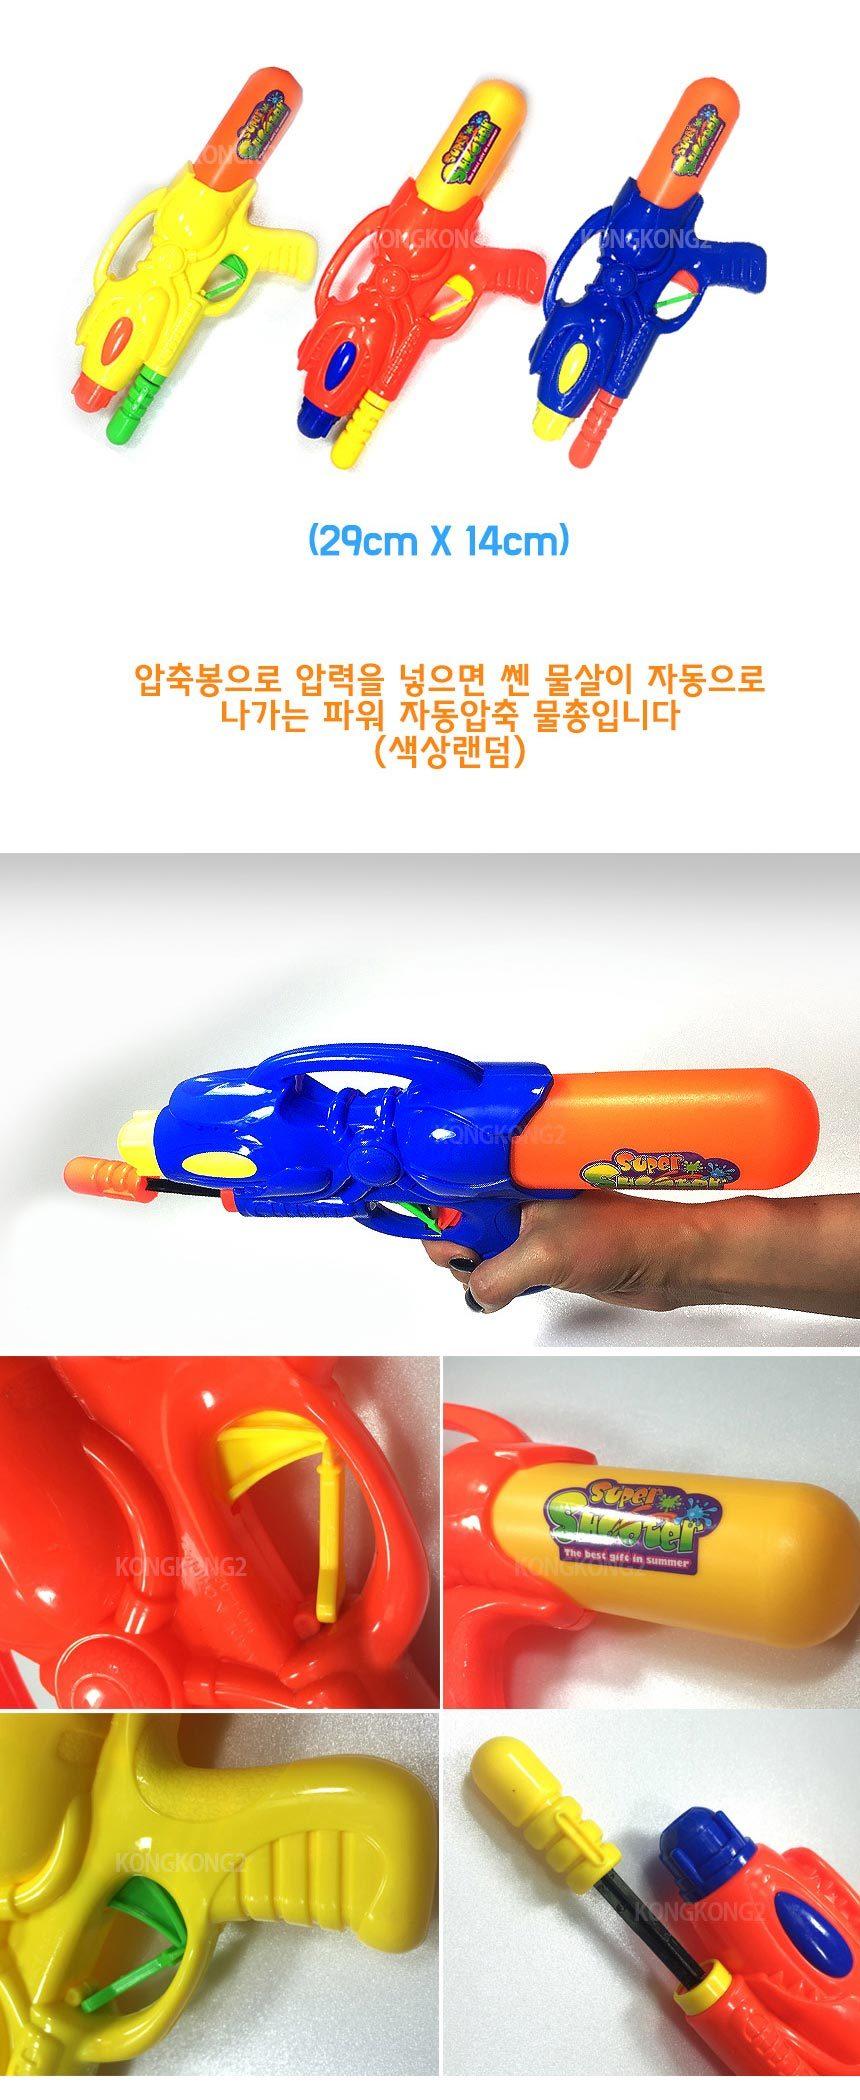 sponge_gun_13.jpg